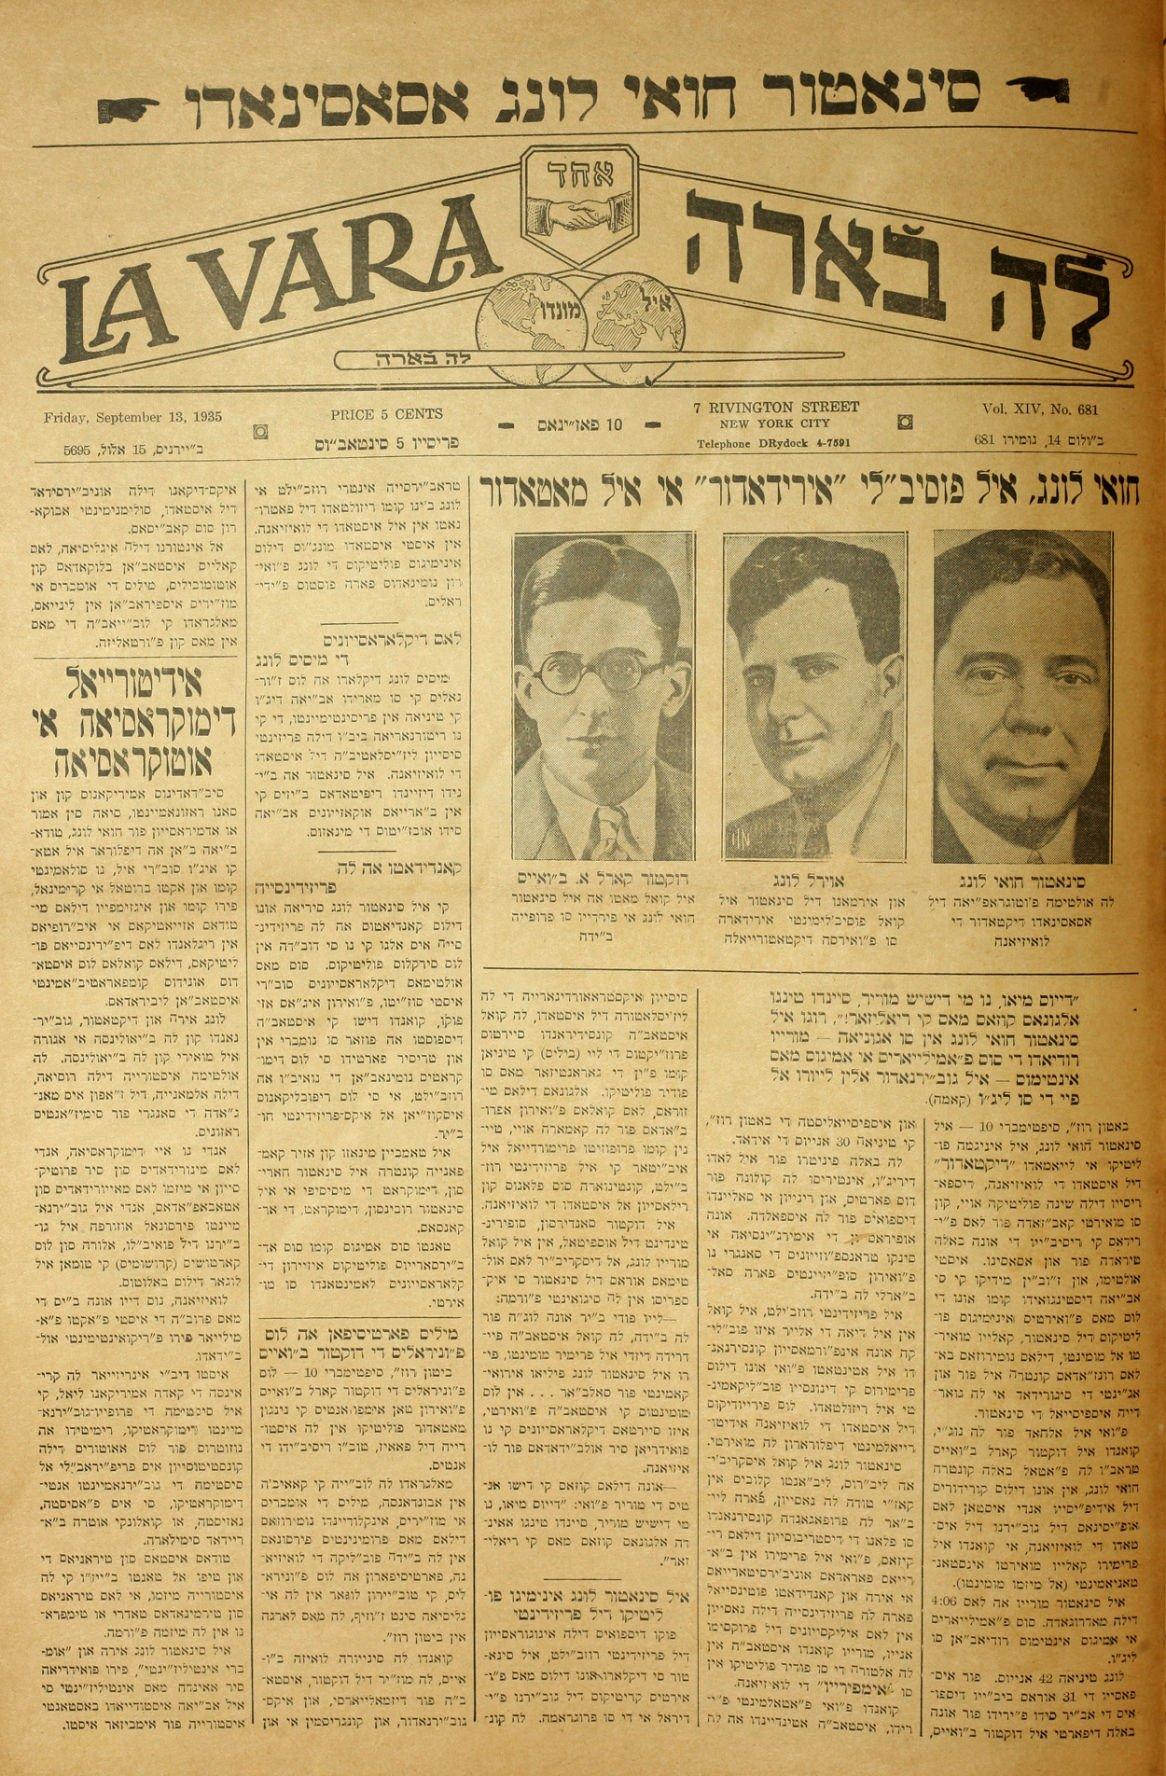 191201_Courtesy_LaVara_WEB.jpg